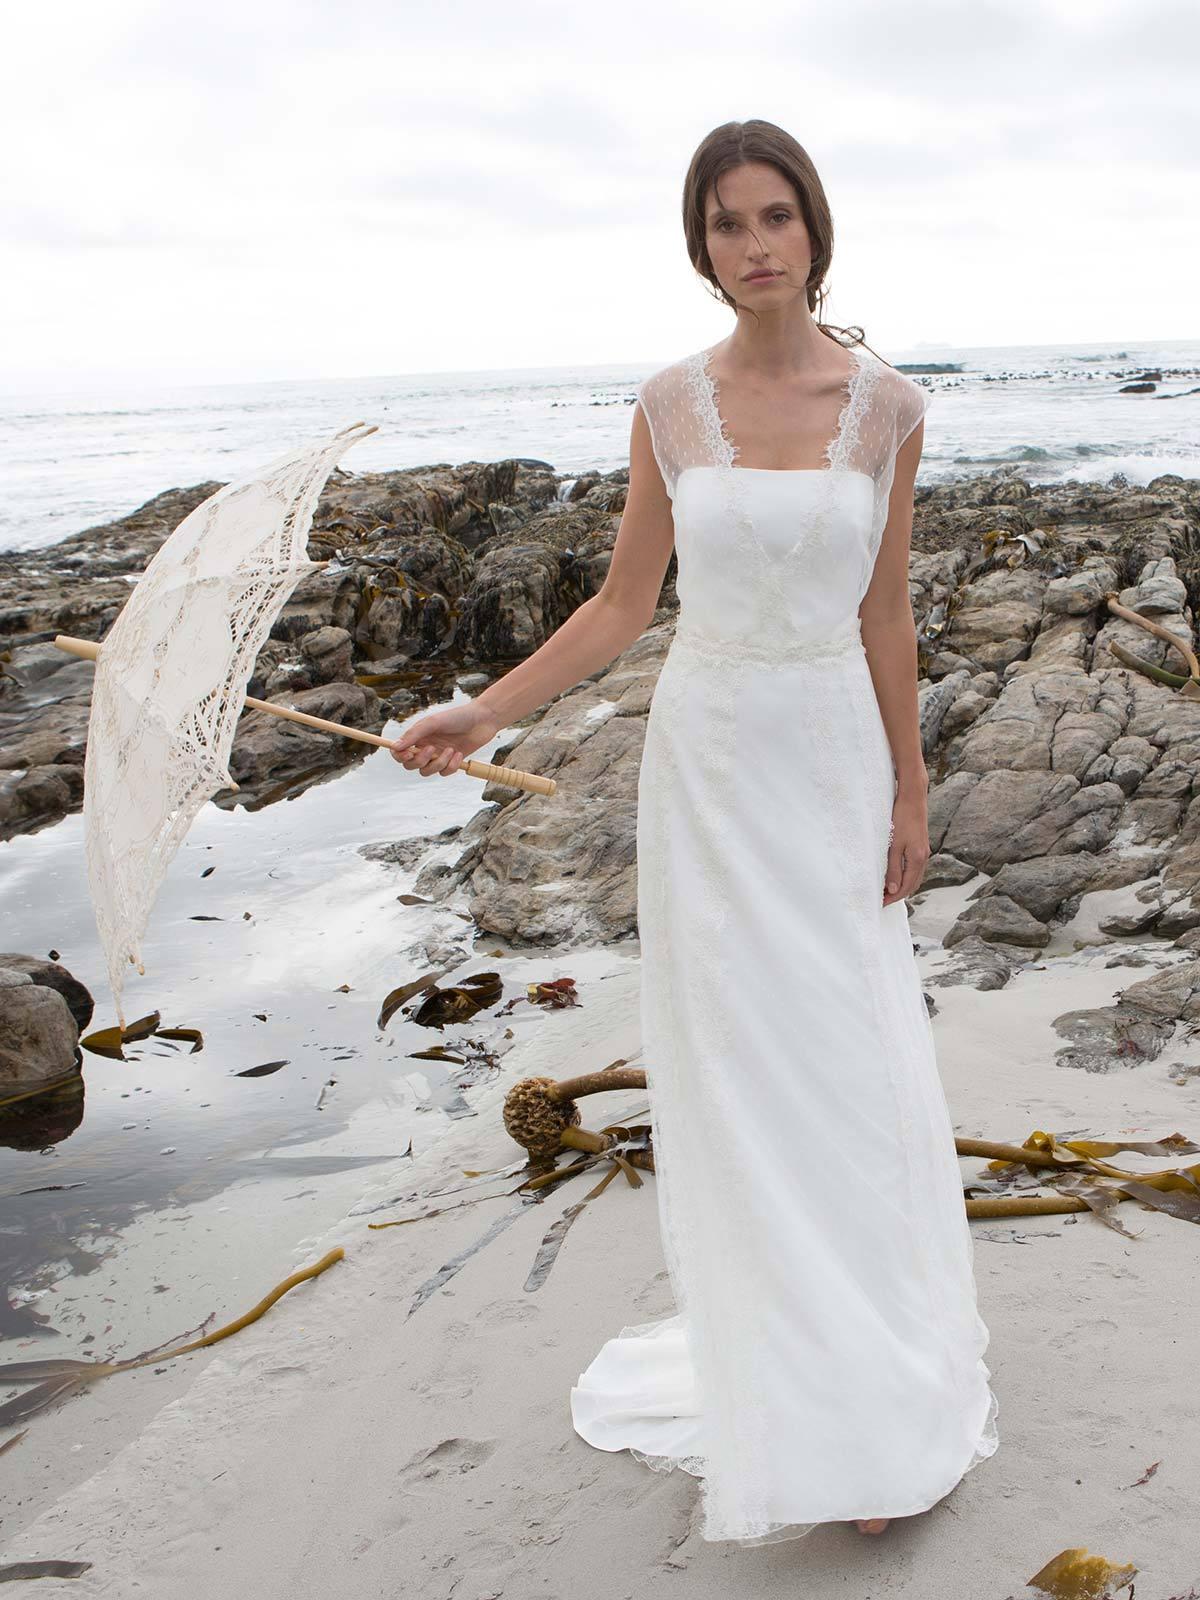 Brautkleid Maya von Rembo Styling auf Ja.de